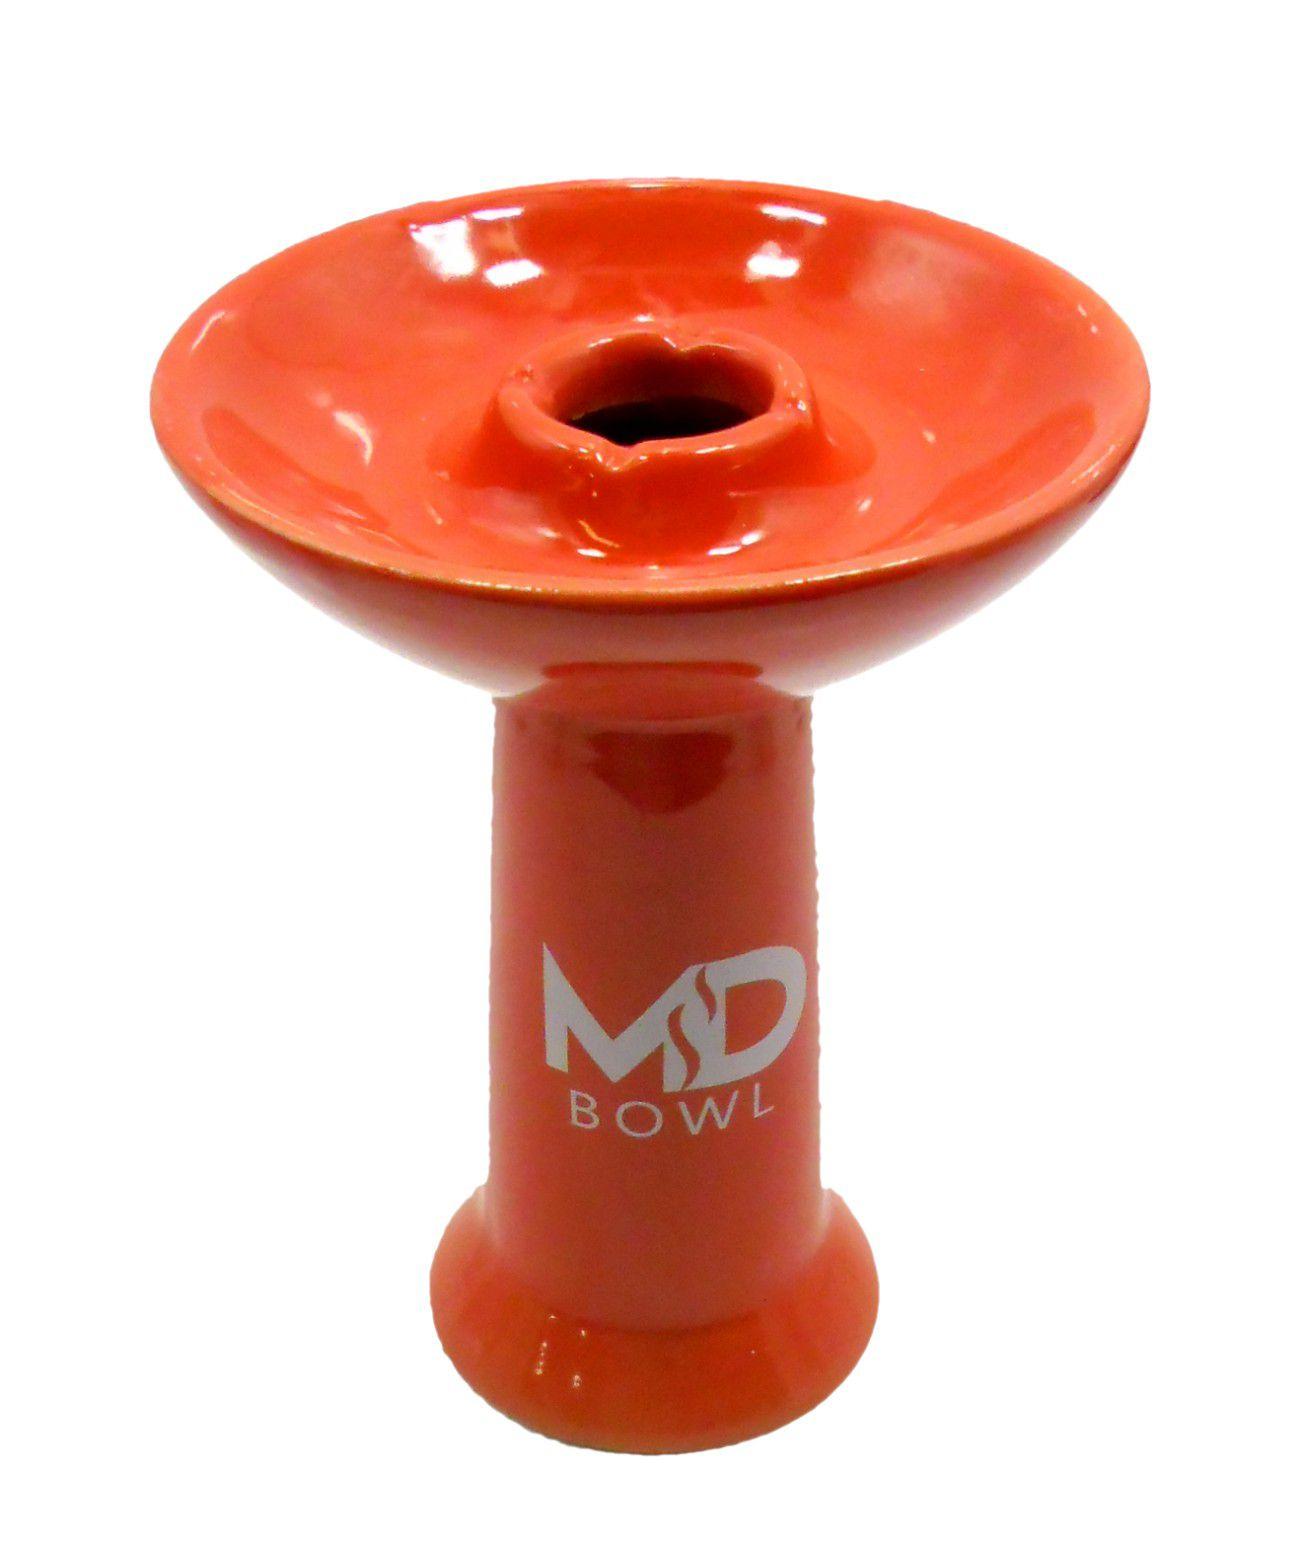 Fornilho/Rosh para narguile MD BOWL tipo funil. Marca MD Hookah. Altura 11cm. Encaixe padrão Kaloud. Vermelho